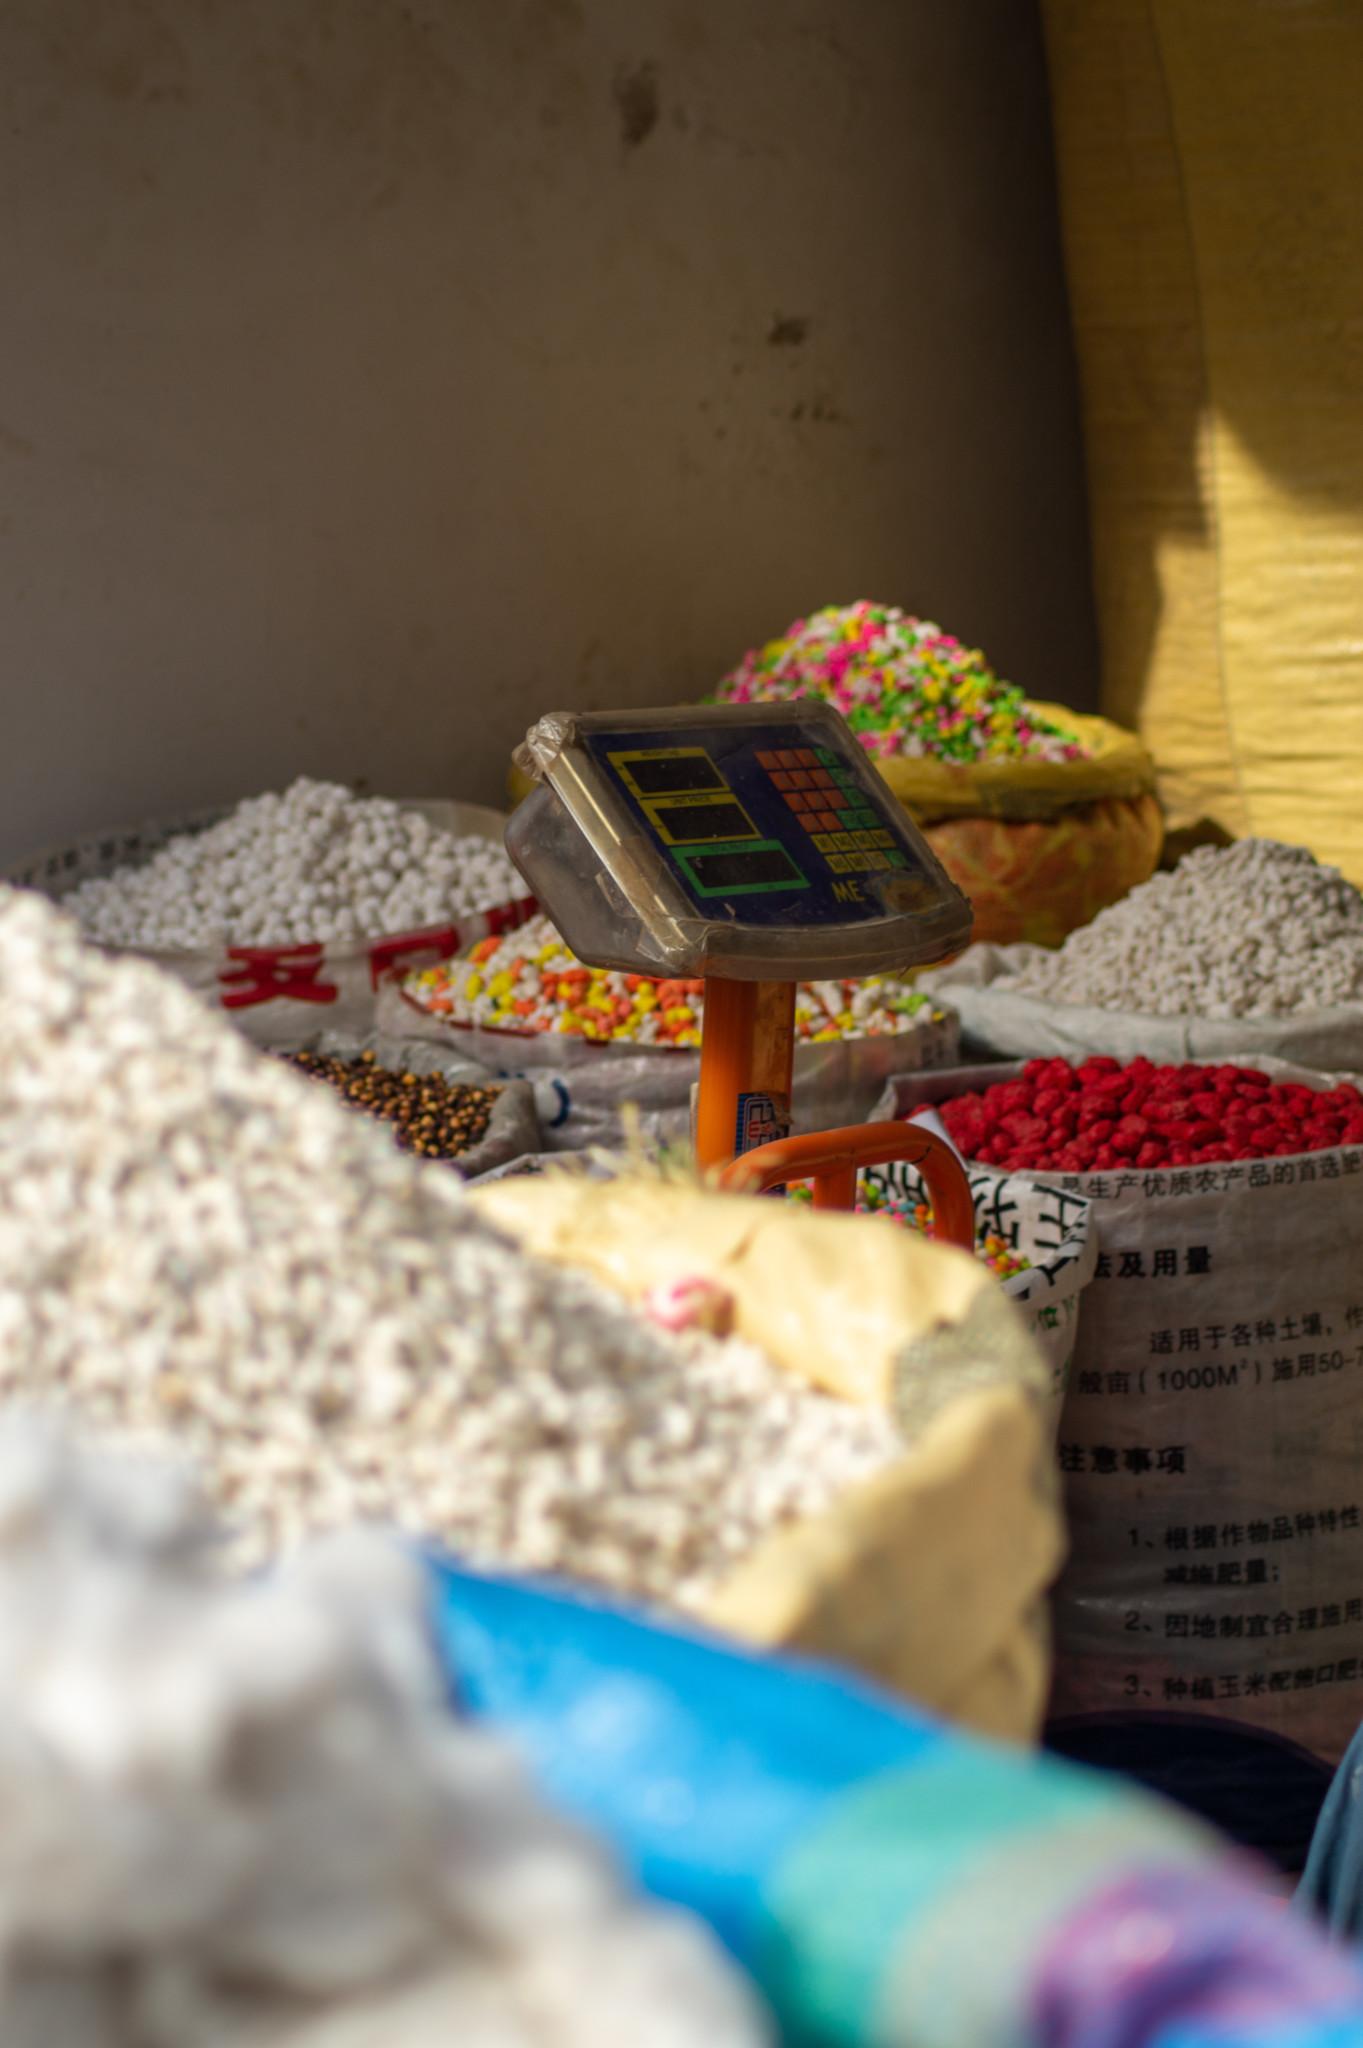 Gewürze gehören zum pakistanischen Essen dazu